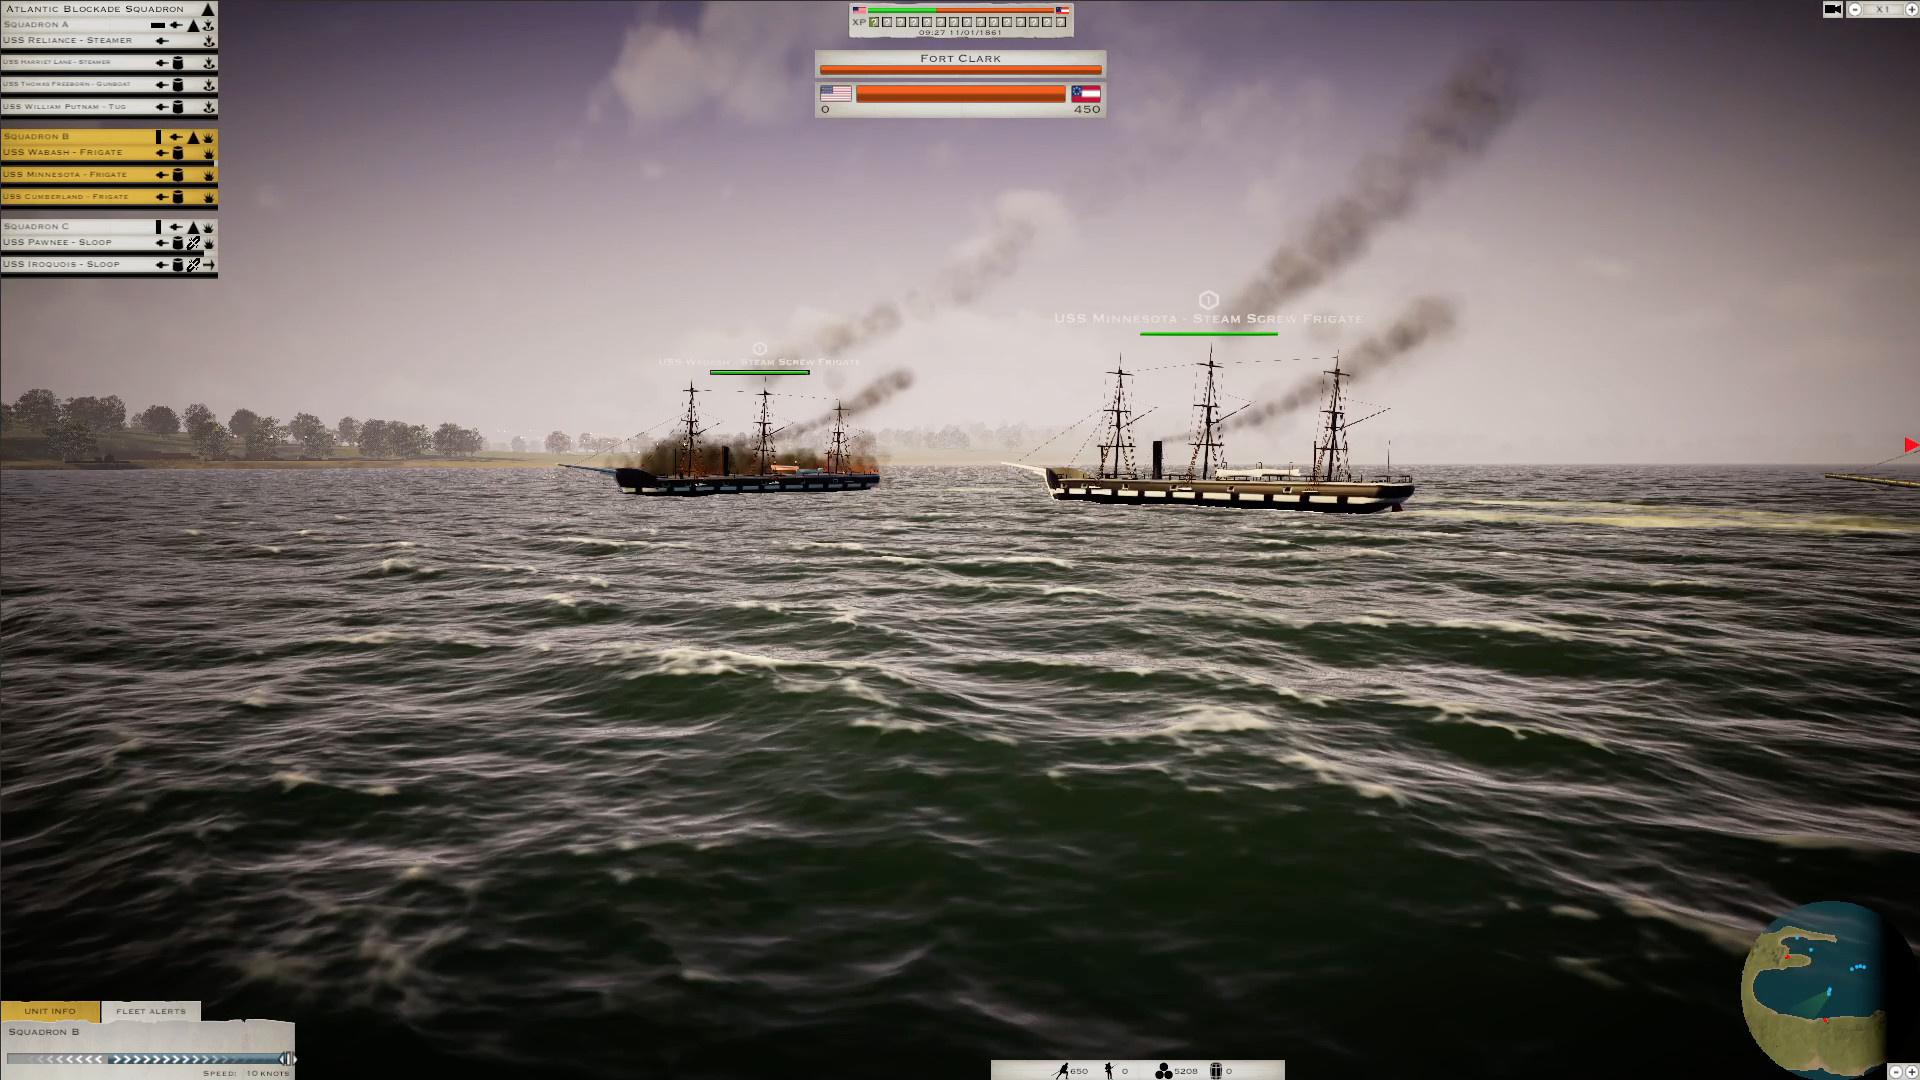 Victory At Sea Ironclad выходит в ранний доступ25 февраля